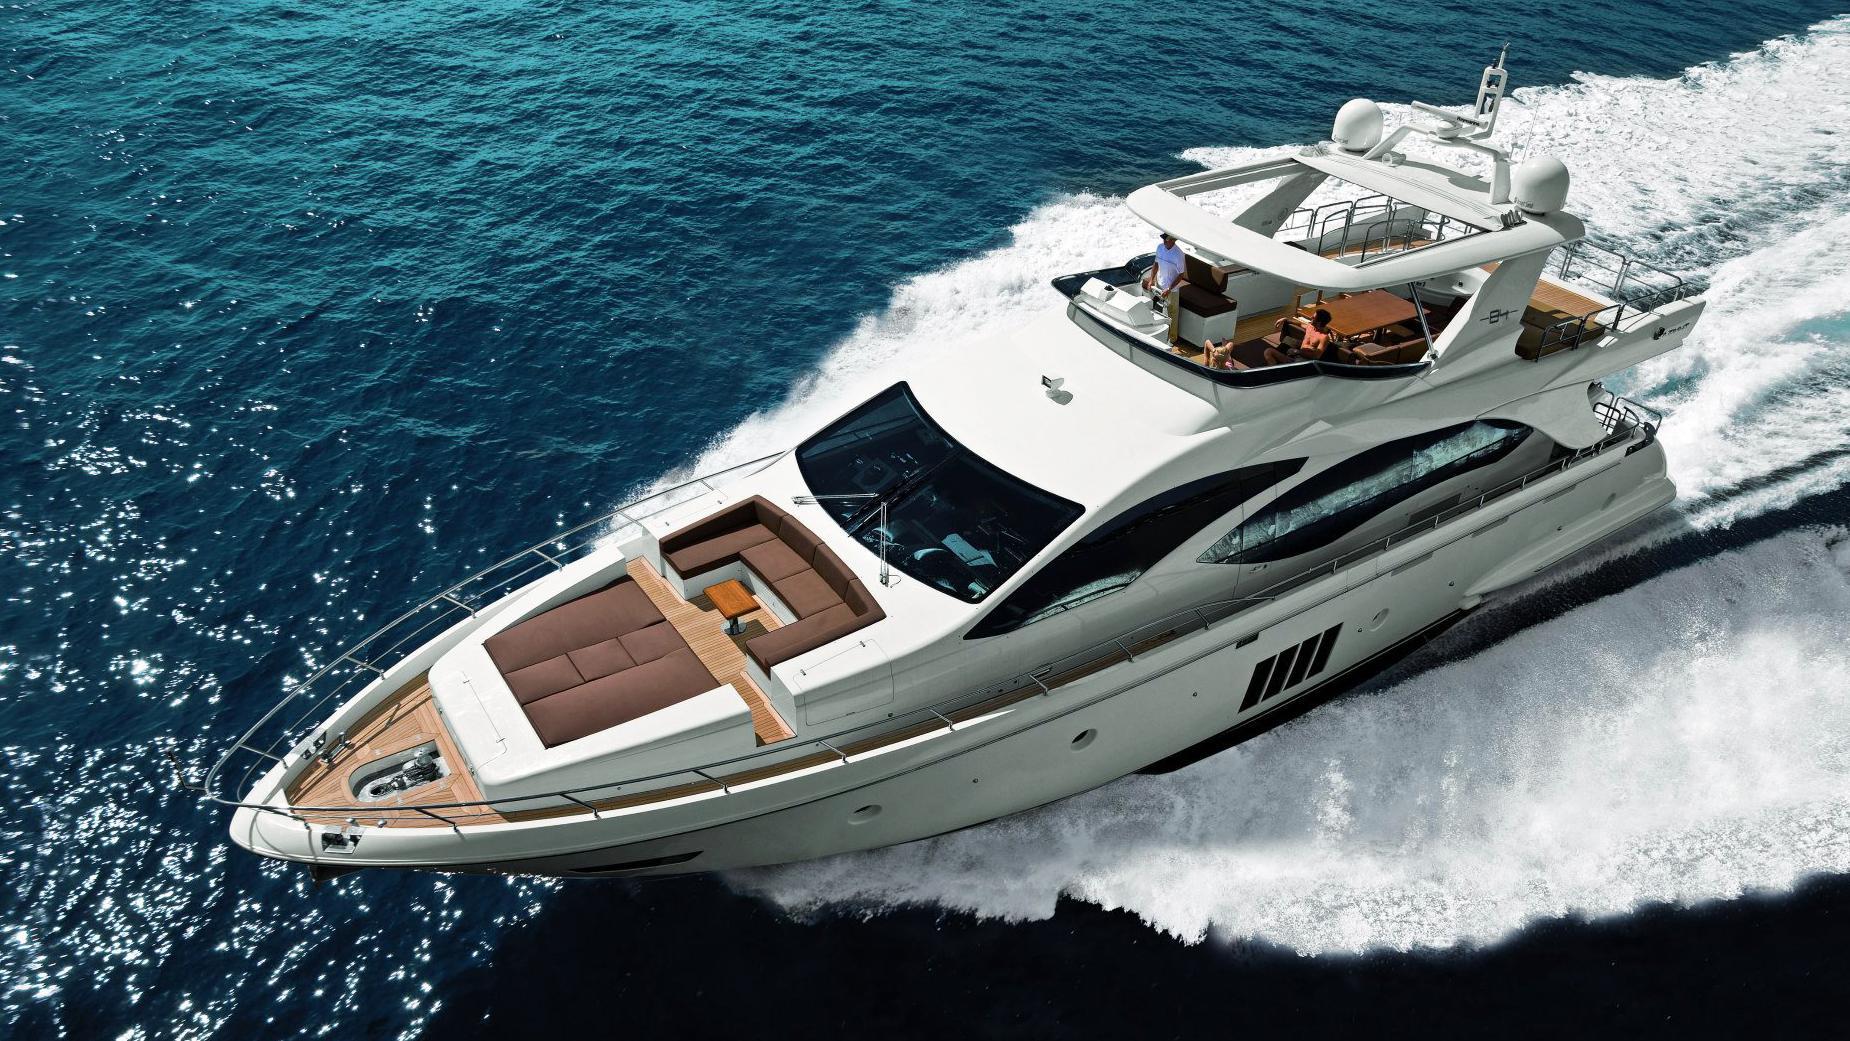 azimut-84-20-motor-yacht-2015-26m-aerial